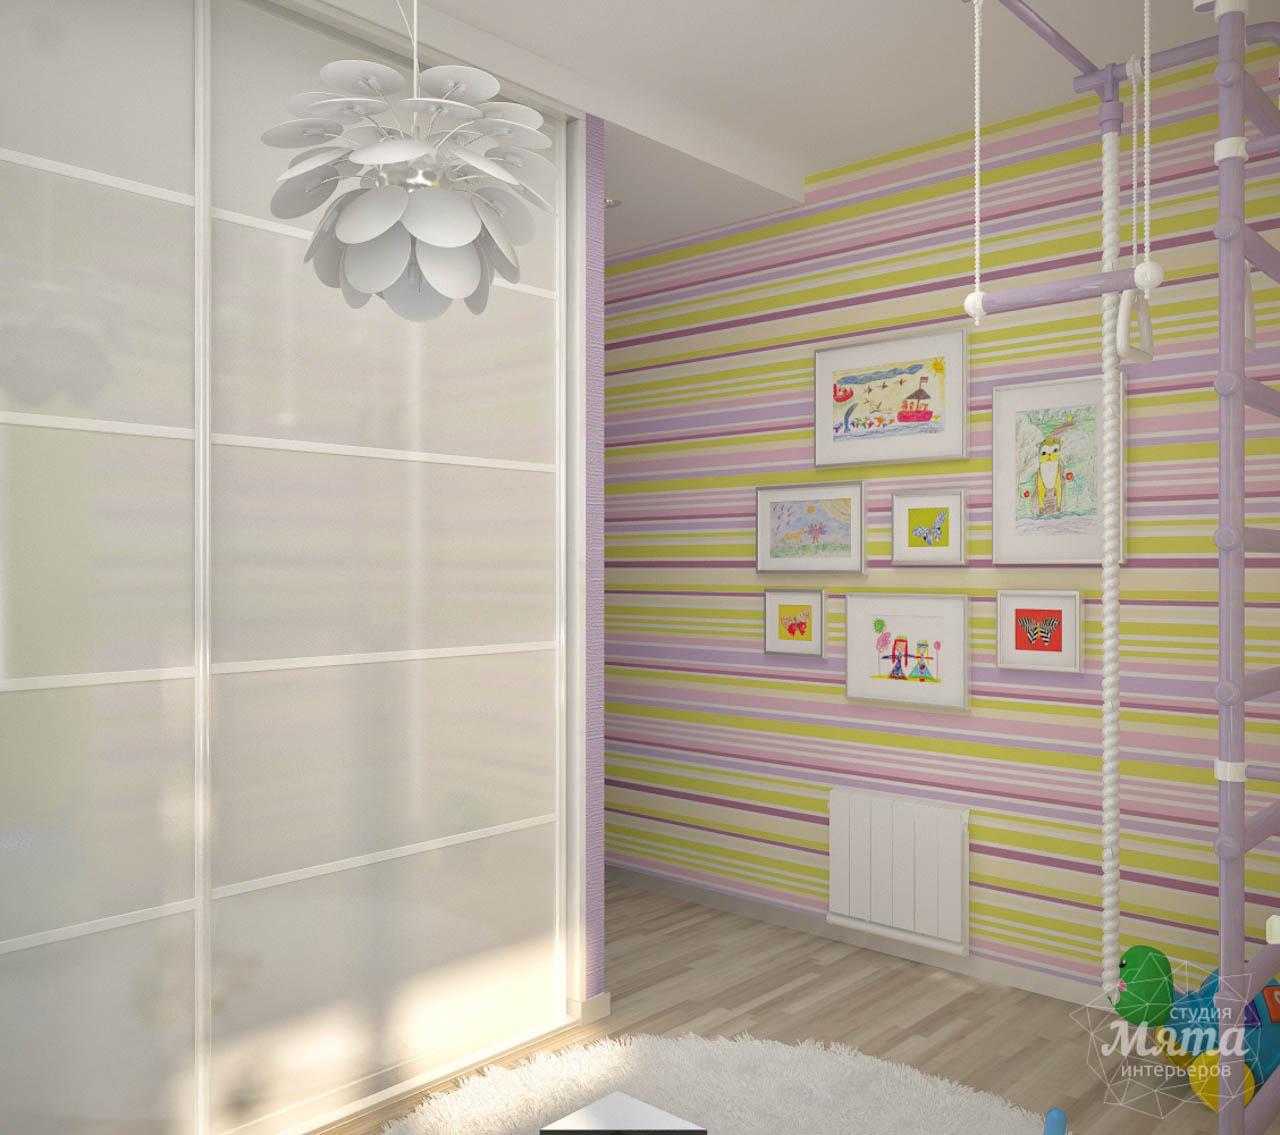 Дизайн интерьера и ремонт трехкомнатной квартиры по ул. Попова 33а img672621427